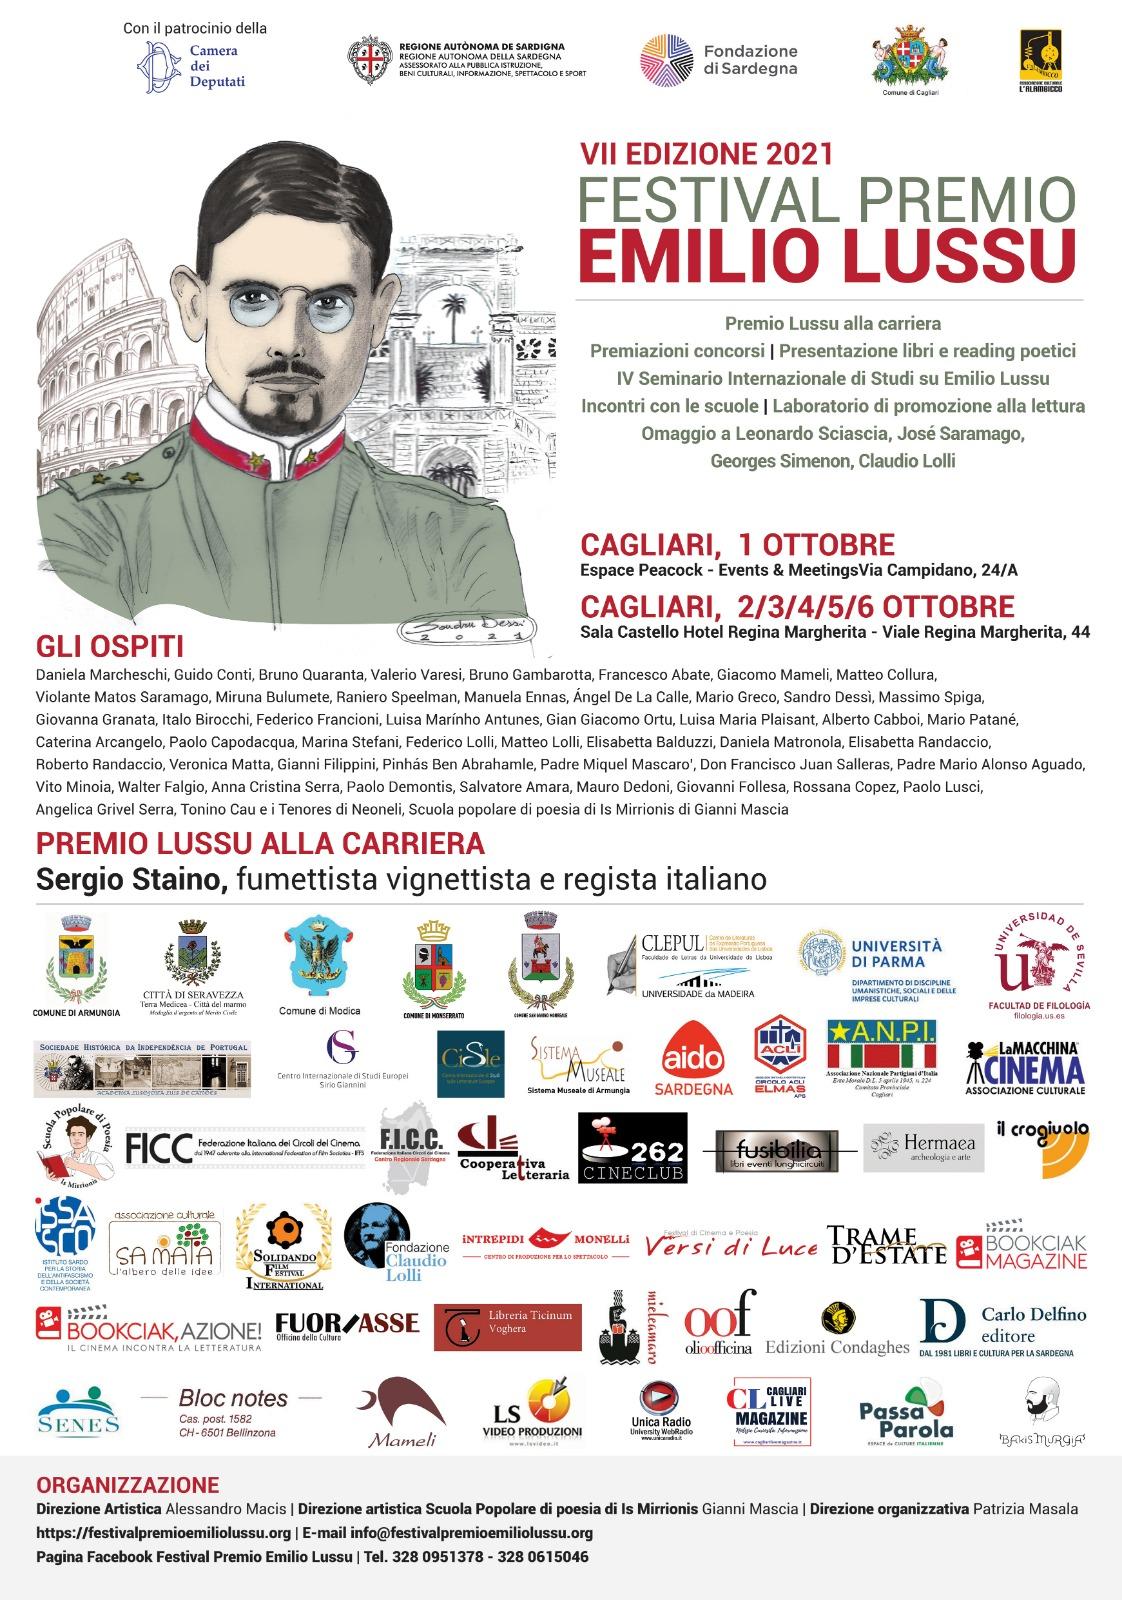 Festival Premio Emilio Lussu 2021